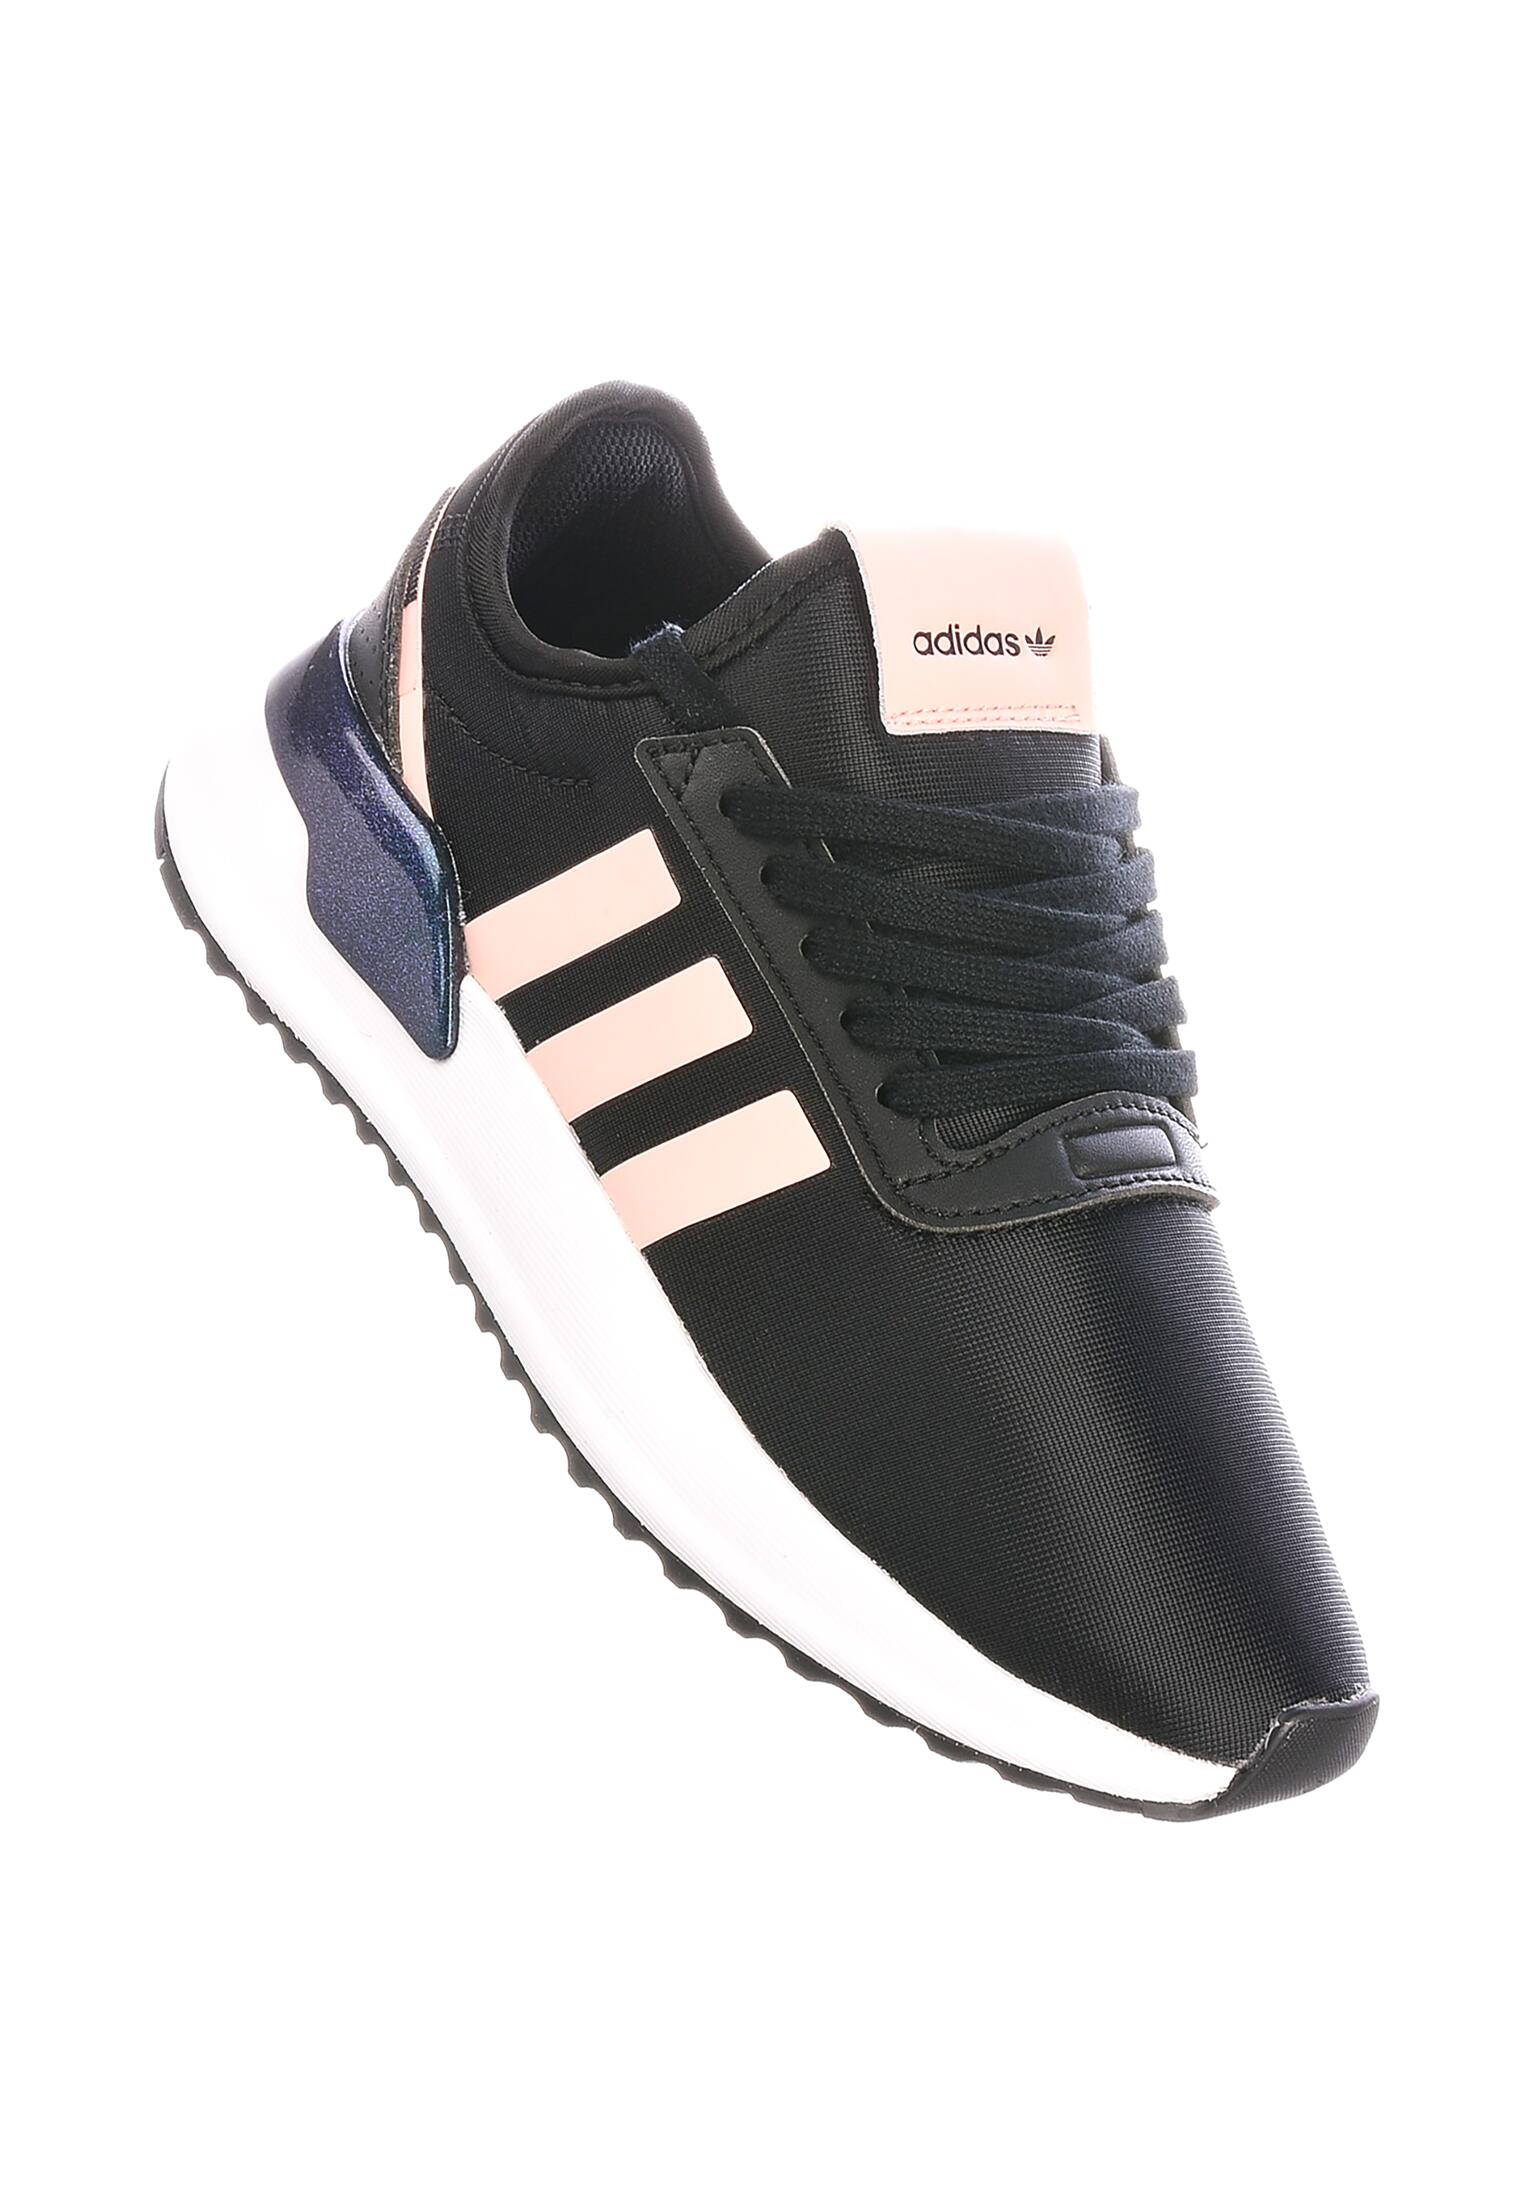 U_Path X W adidas All Shoes in